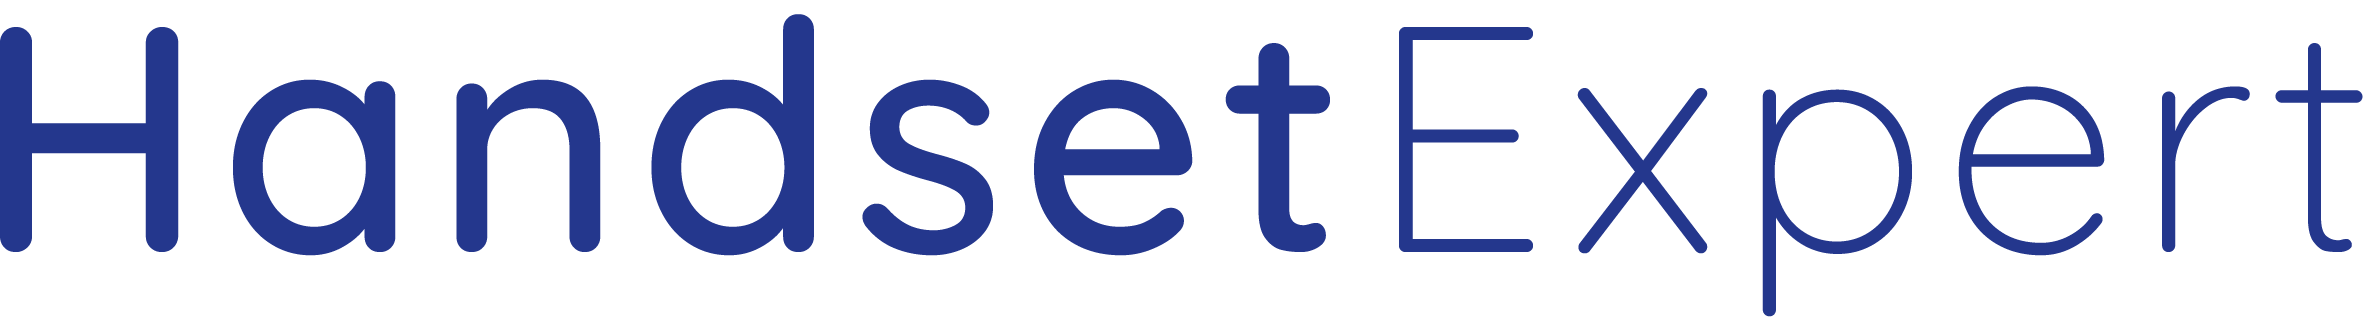 Handset Expert logo